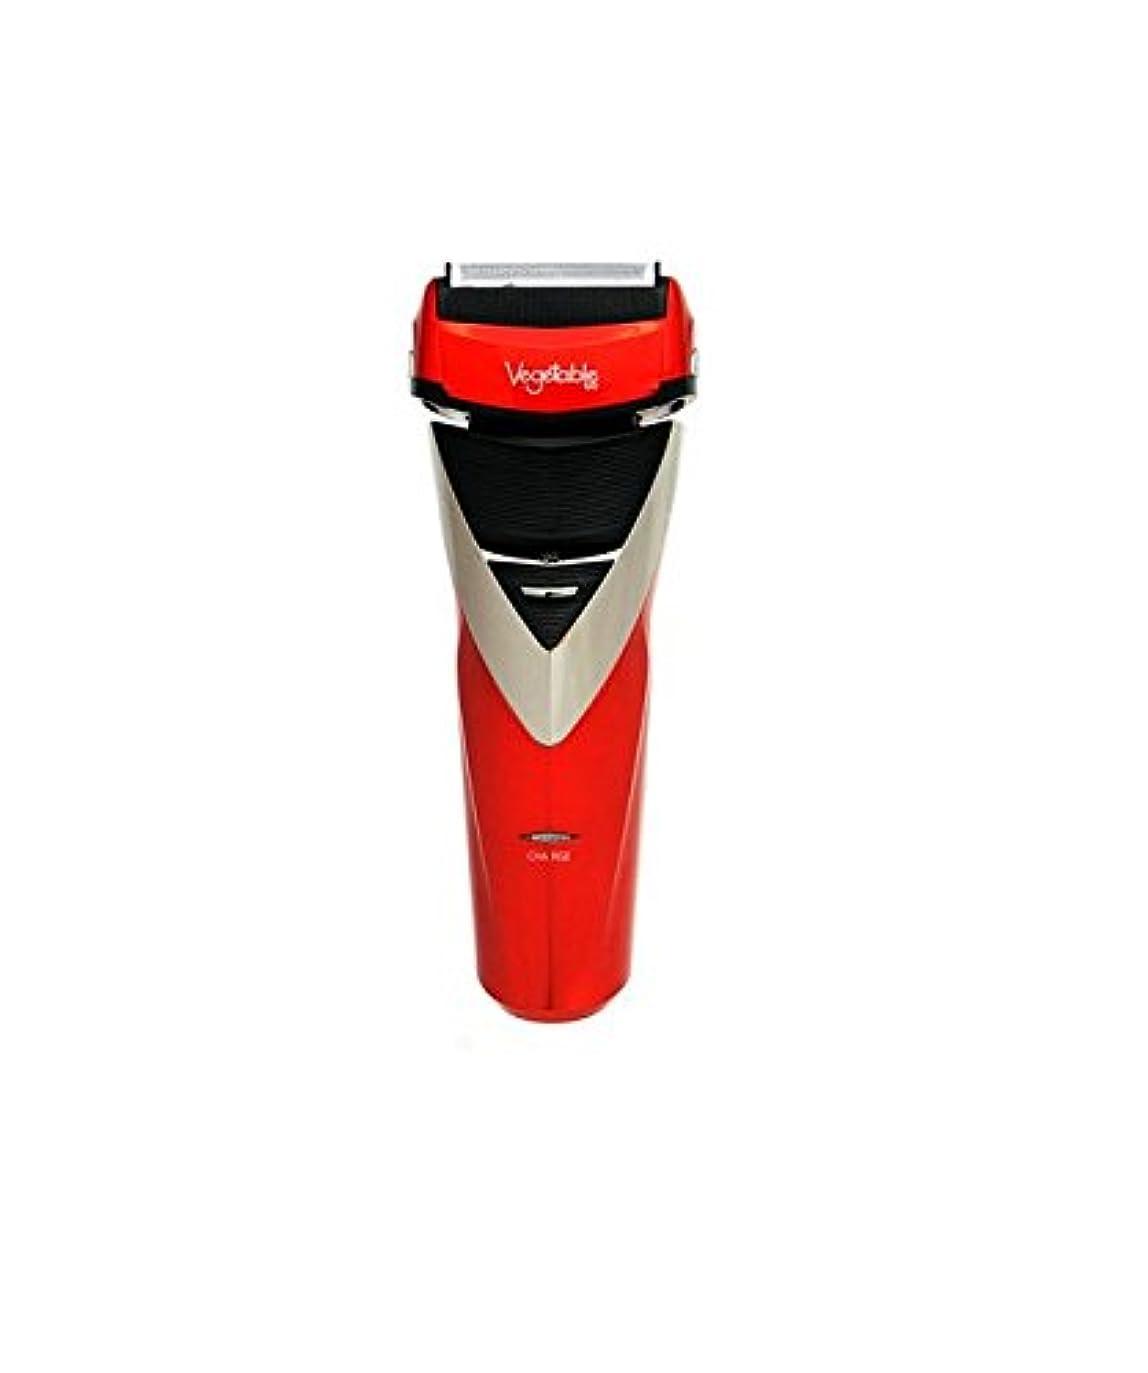 調整クローン行GD商事 充電式水洗い2枚刃シェーバー GD-ST205R レッド